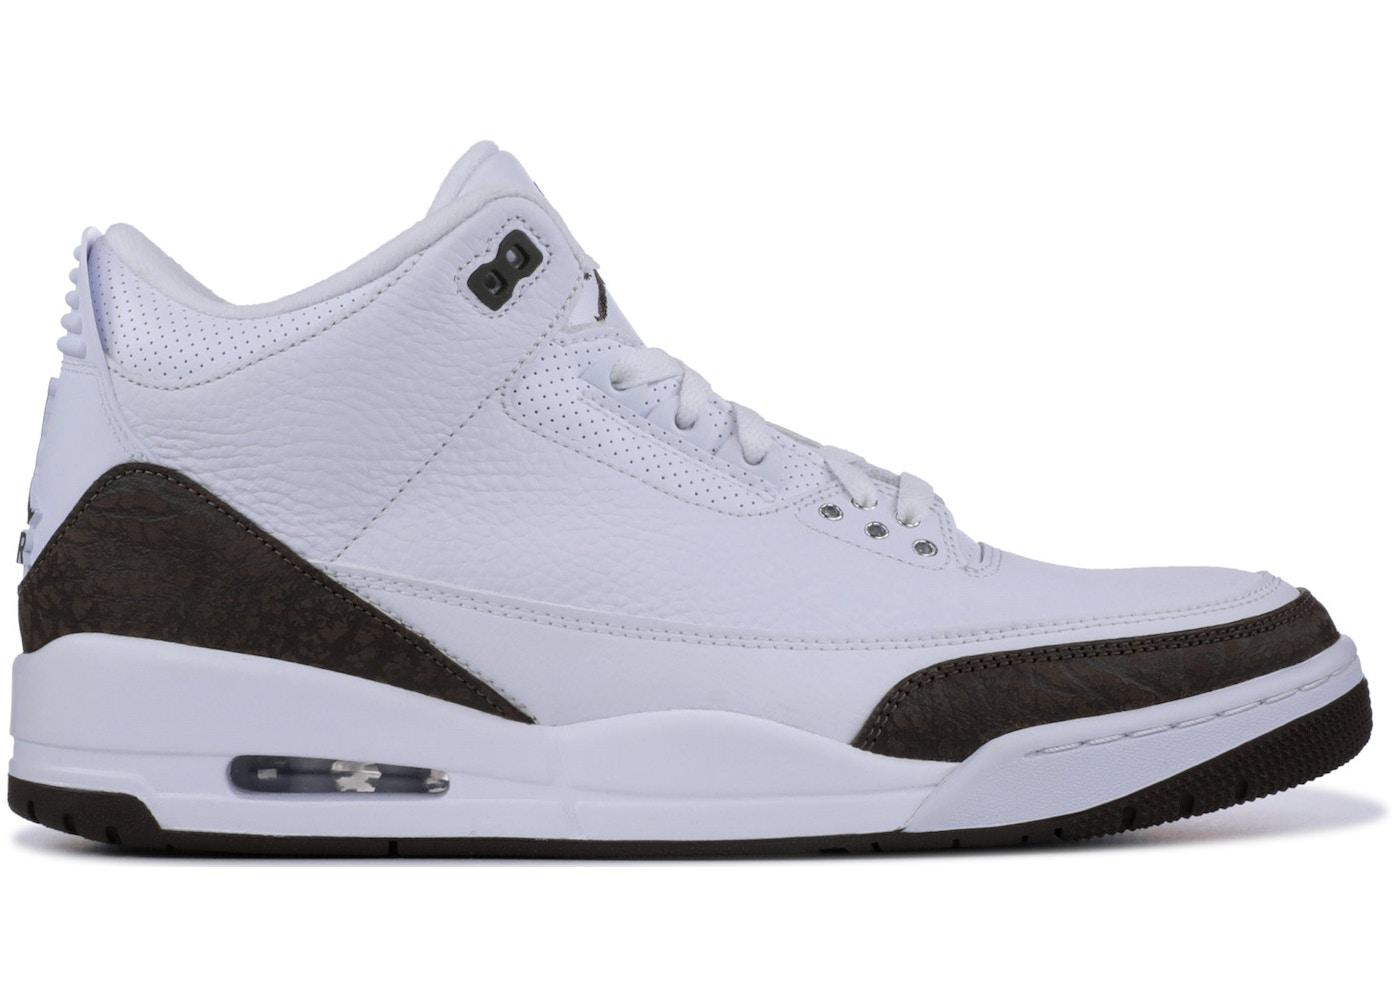 3eb0124707ab Buy Air Jordan 3 Shoes   Deadstock Sneakers